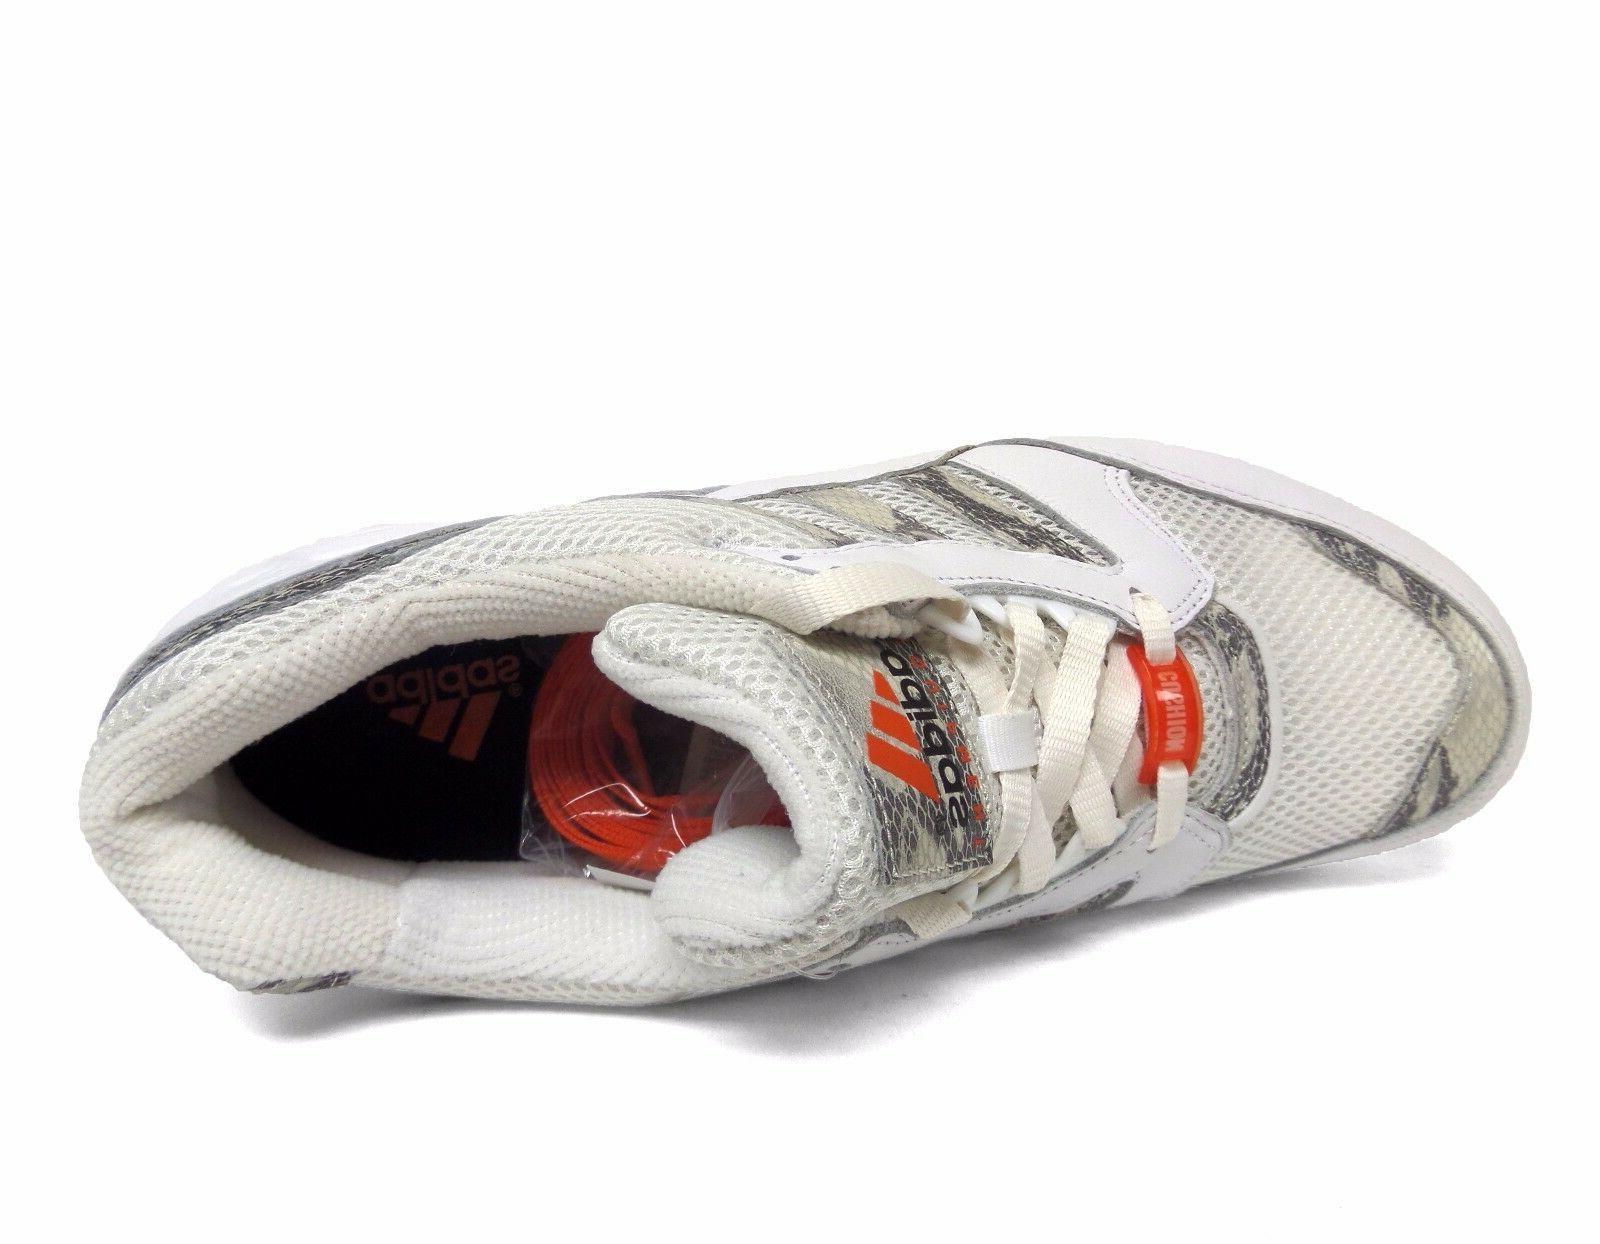 Adidas Cushion M25765